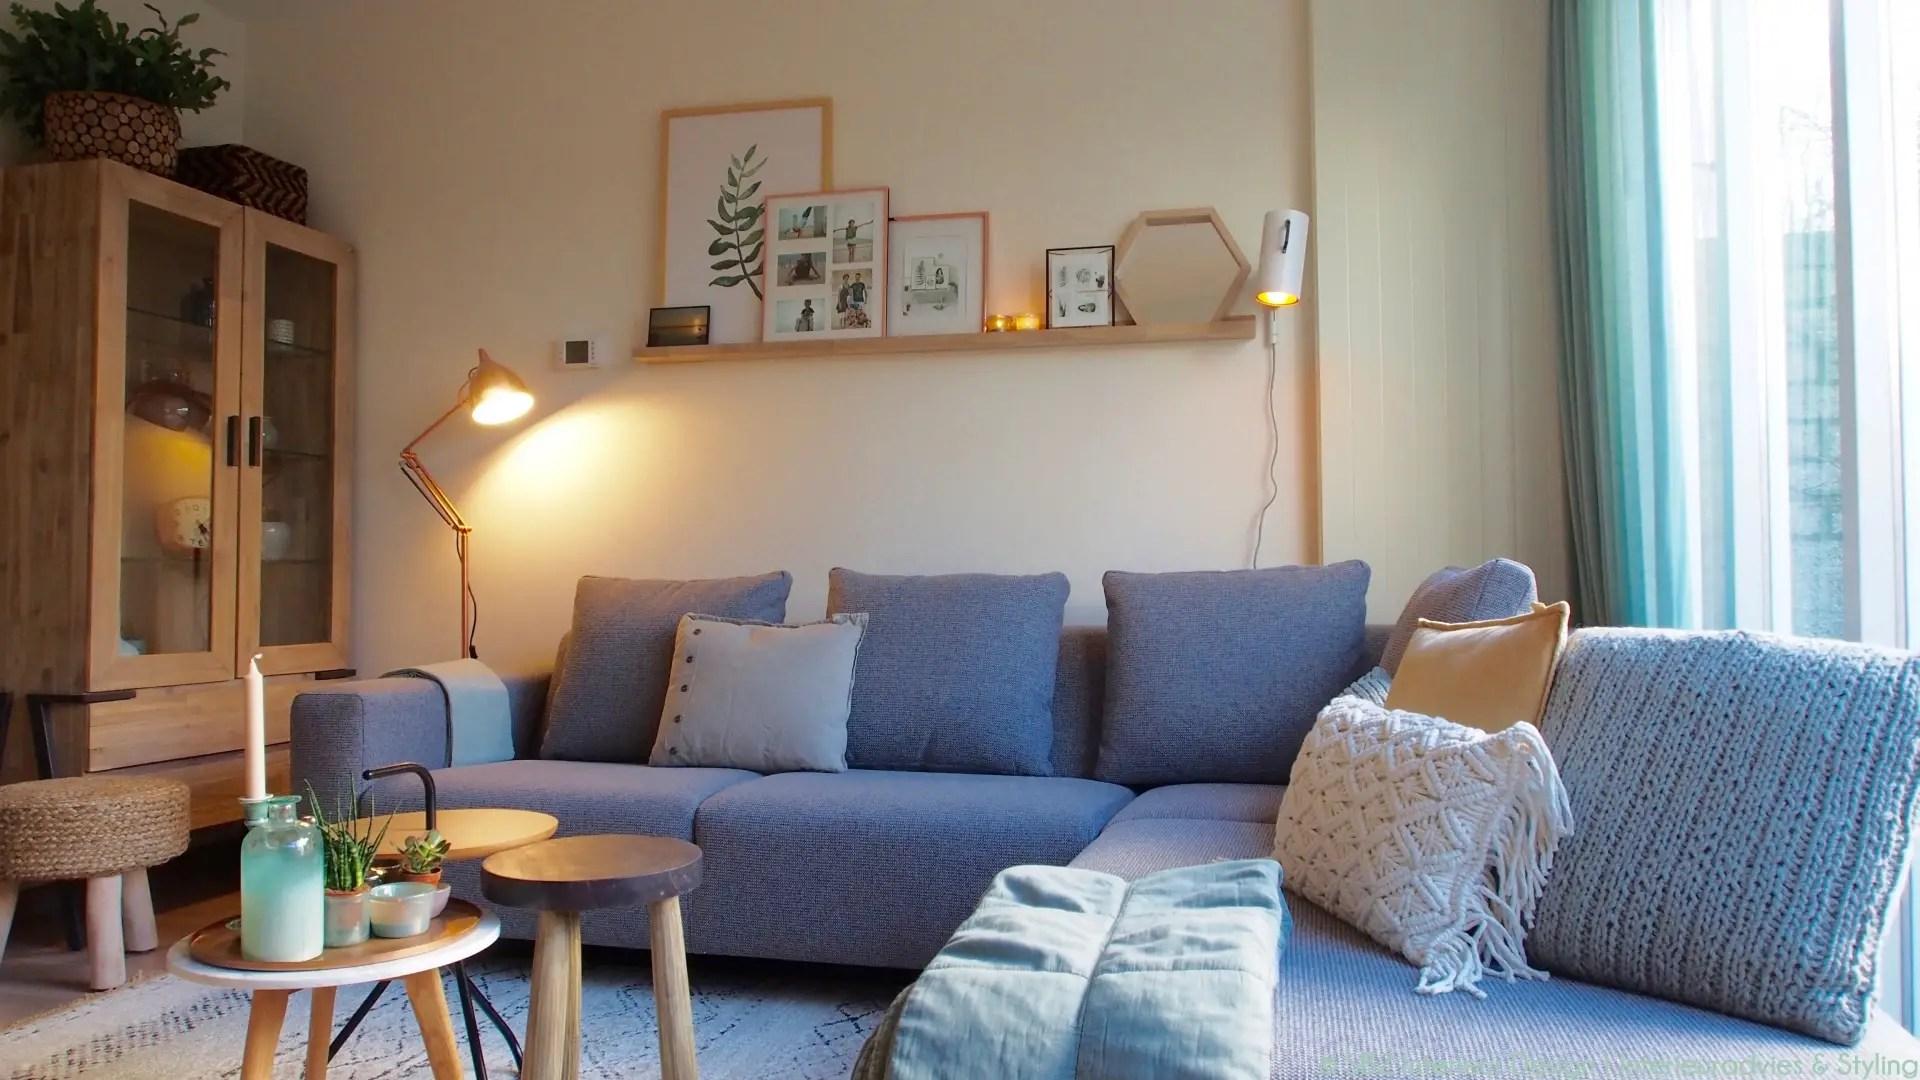 Interieur een welkom thuis gevoel cre ren hoe werkt dat stijlvol styling woonblog - Interieur eigentijds huis architect ...